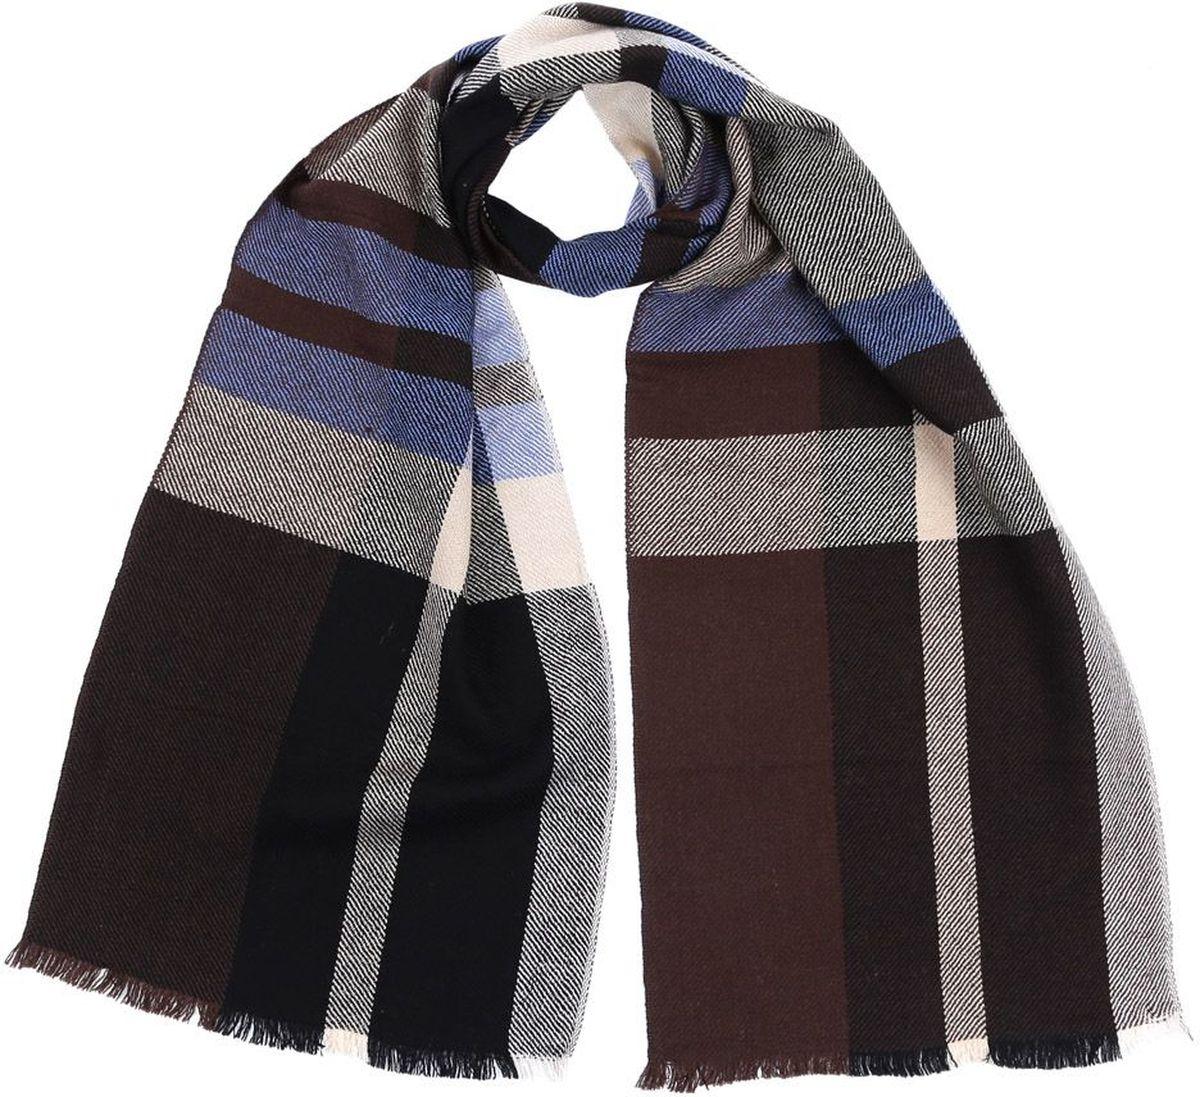 Шарф2874-12Мужской шарф от итальянского бренда Fabretti выполнен из натуральной шерсти с мерсеризированной нитью, которая придает изделию неповторимую мягкость и шелковистость фактуры. Дизайнерское соединение серого, черного и яркого коричневого цвета превратит ваш образ в самый стильный и элегантный в любой компании. Модная клетка и стильные реснички, которыми обработаны края изделия, подчеркнут ваш индивидуальный стиль.